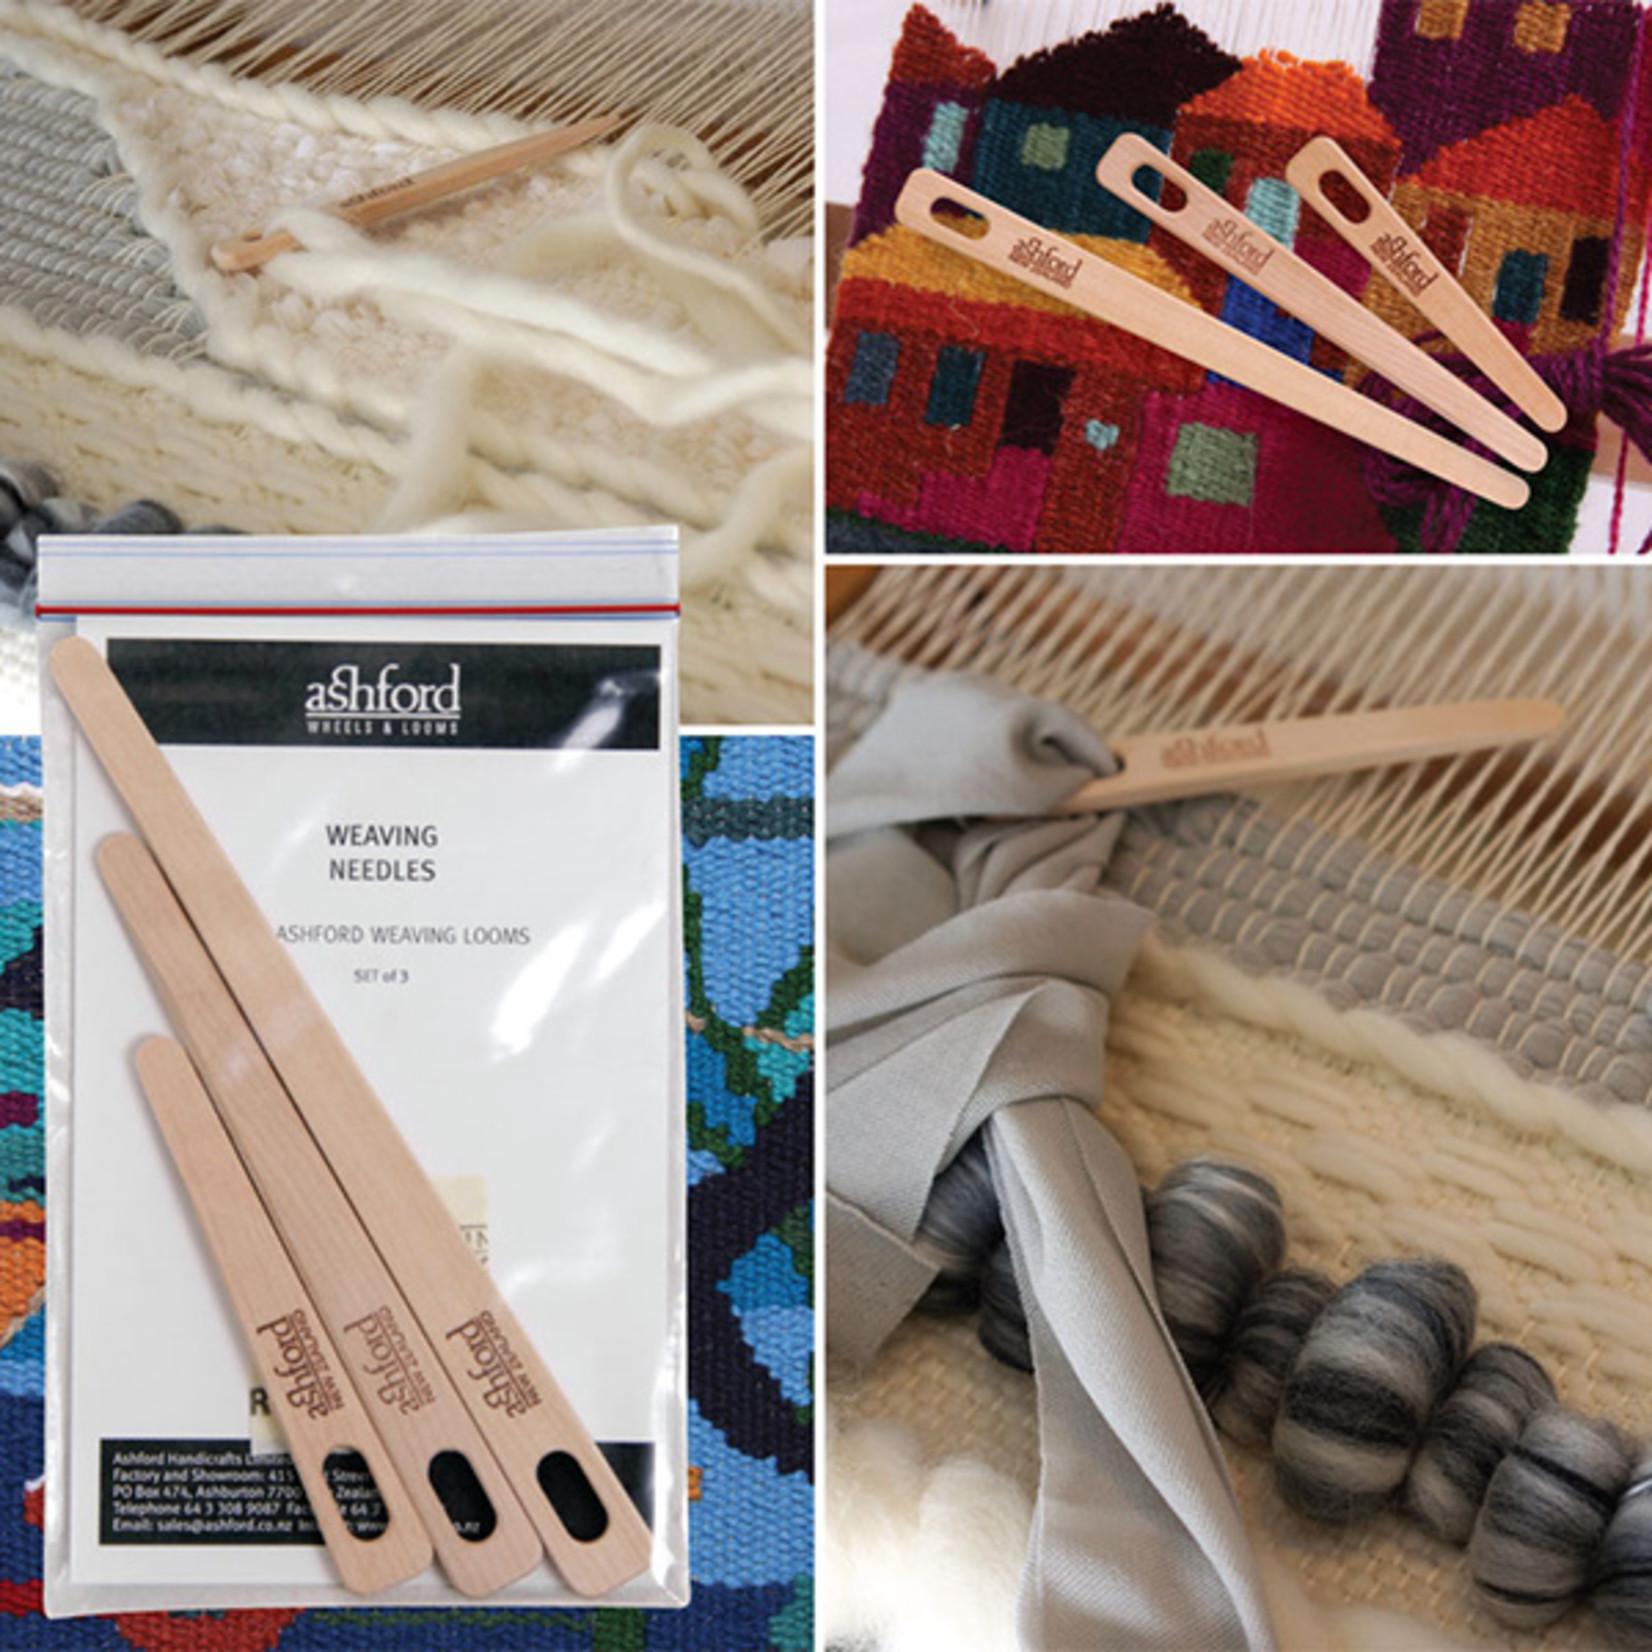 Ashford Weaving Needle 3pk